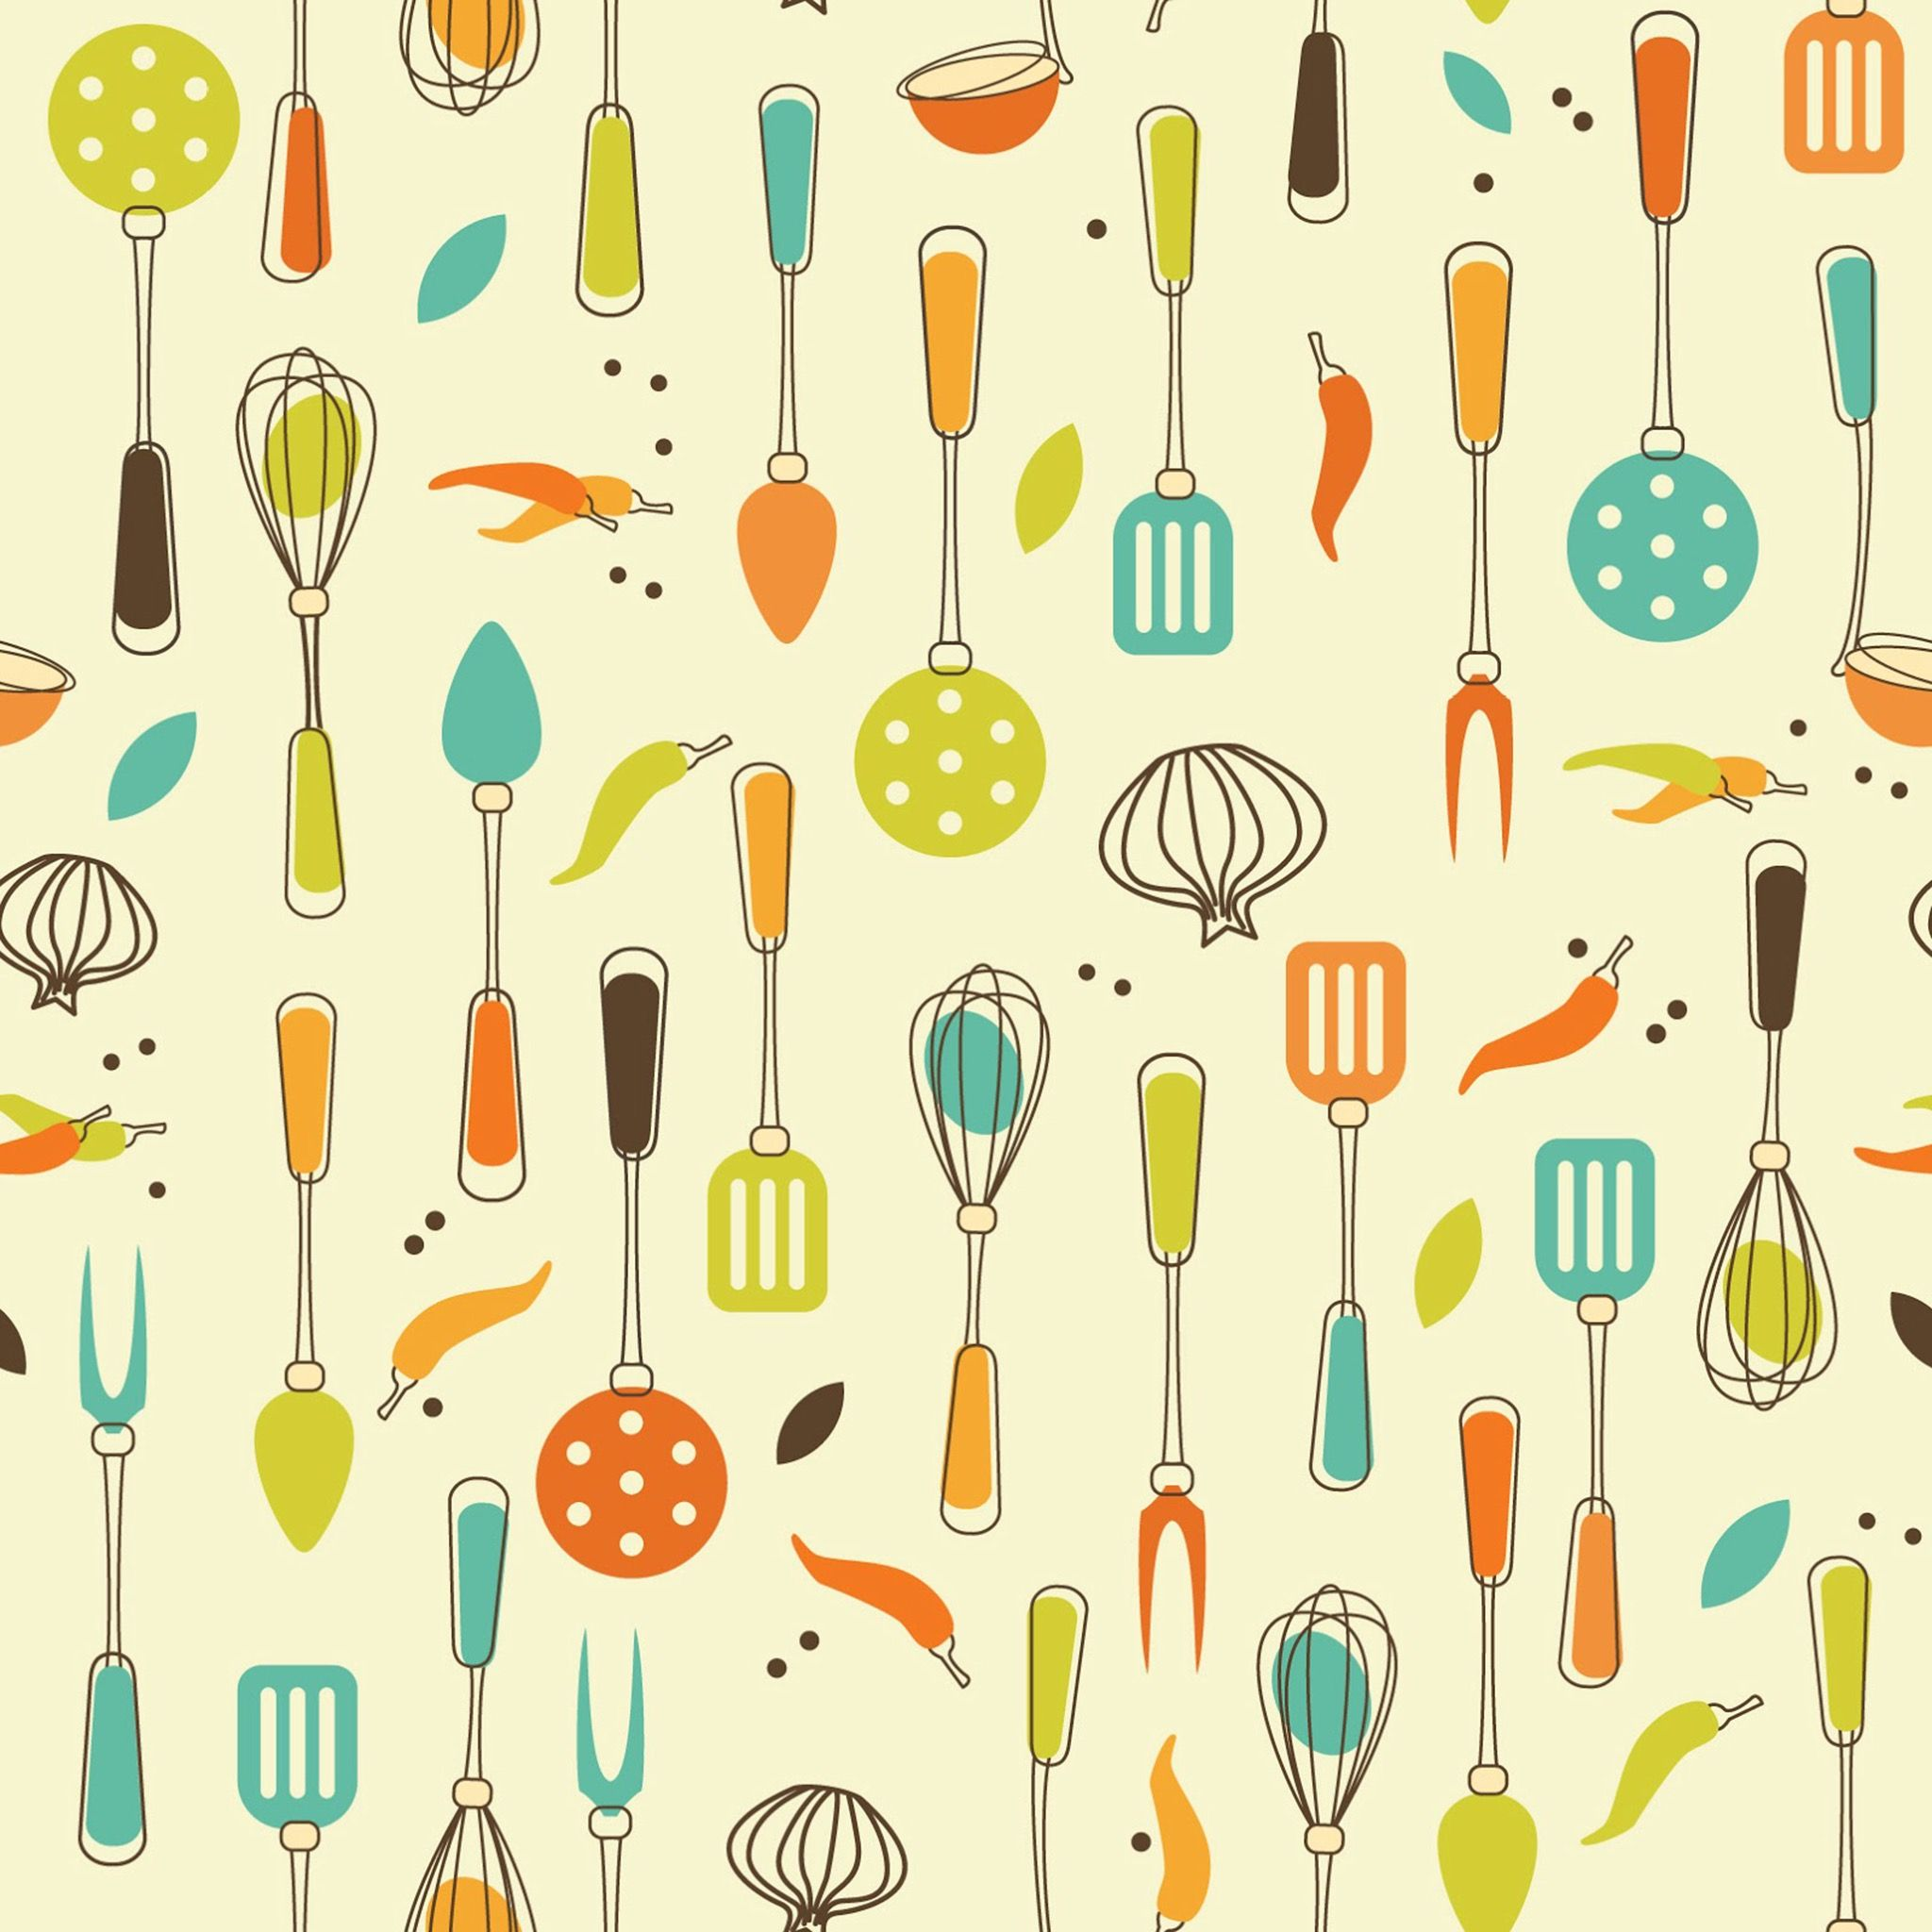 Pin by ZazARa N.Z.A on Patterns & Wallpapers Kitchen